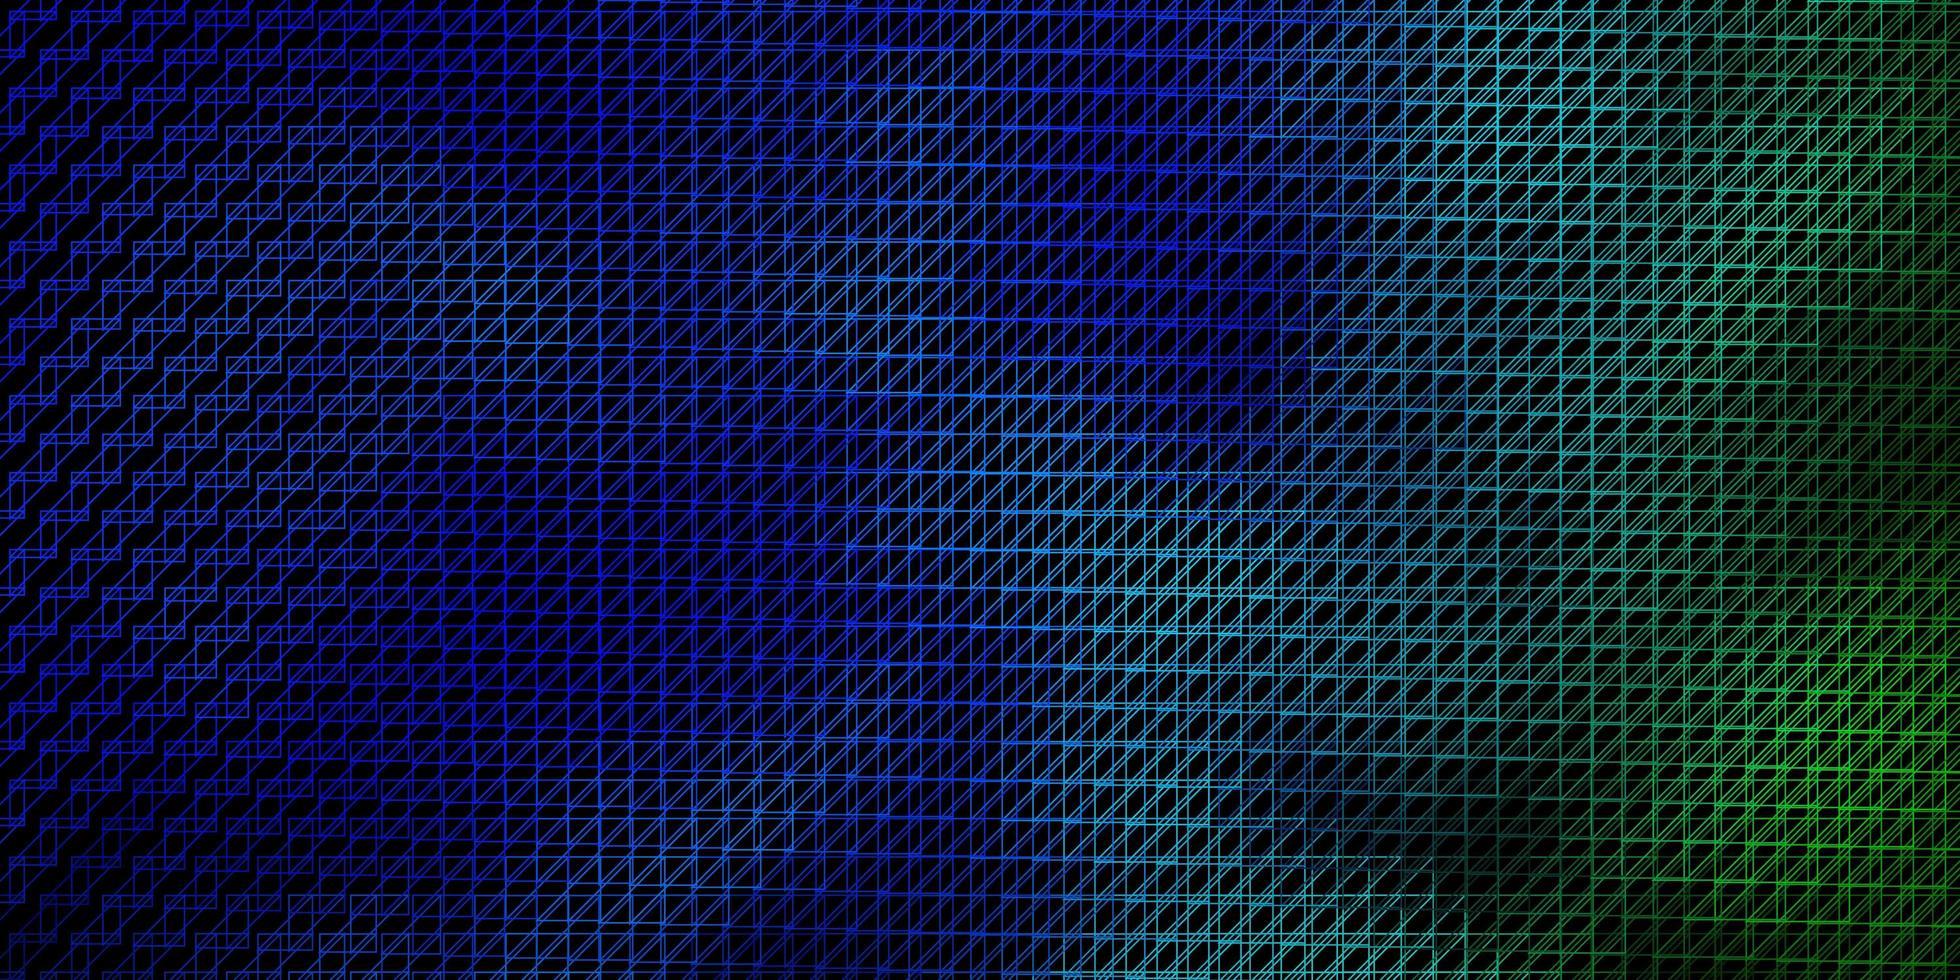 plantilla de vector azul oscuro, verde con líneas.